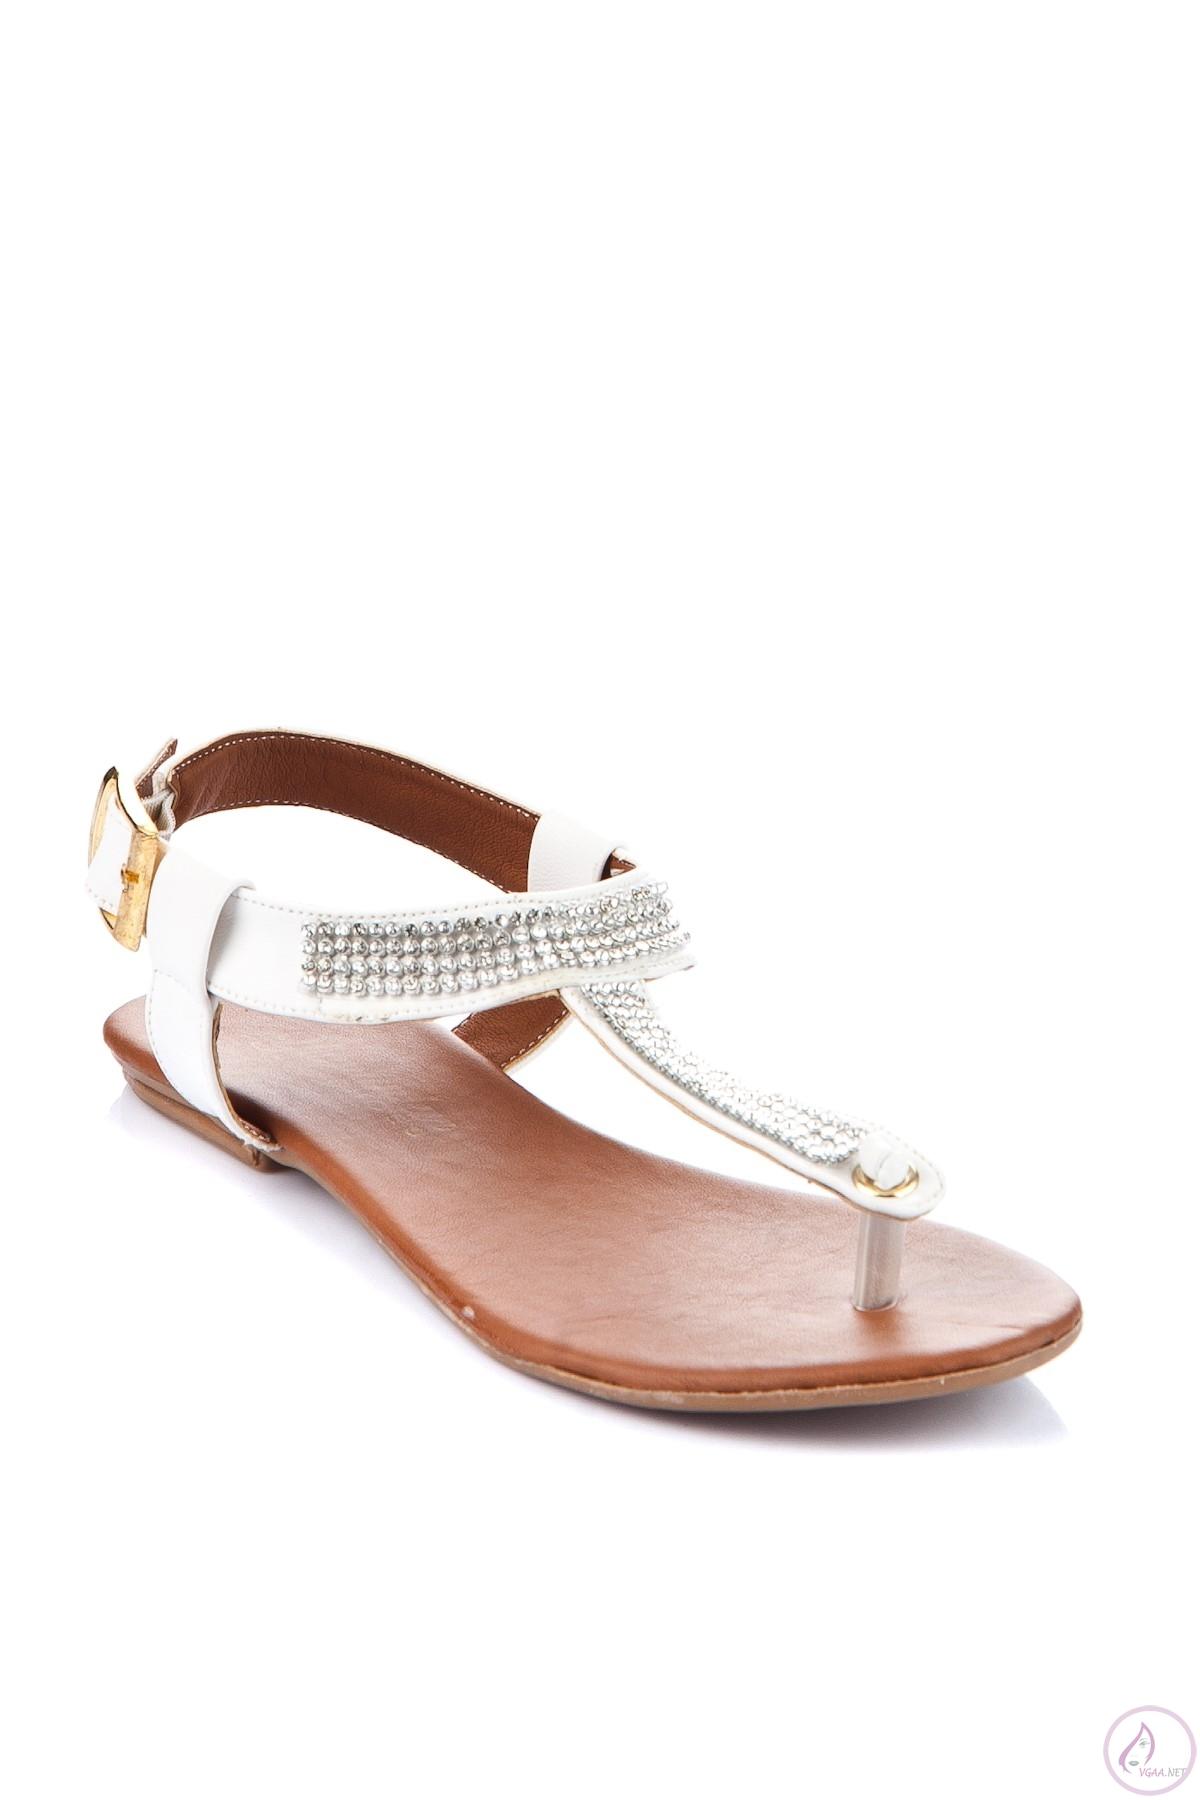 2014-sandalet-modeller-7